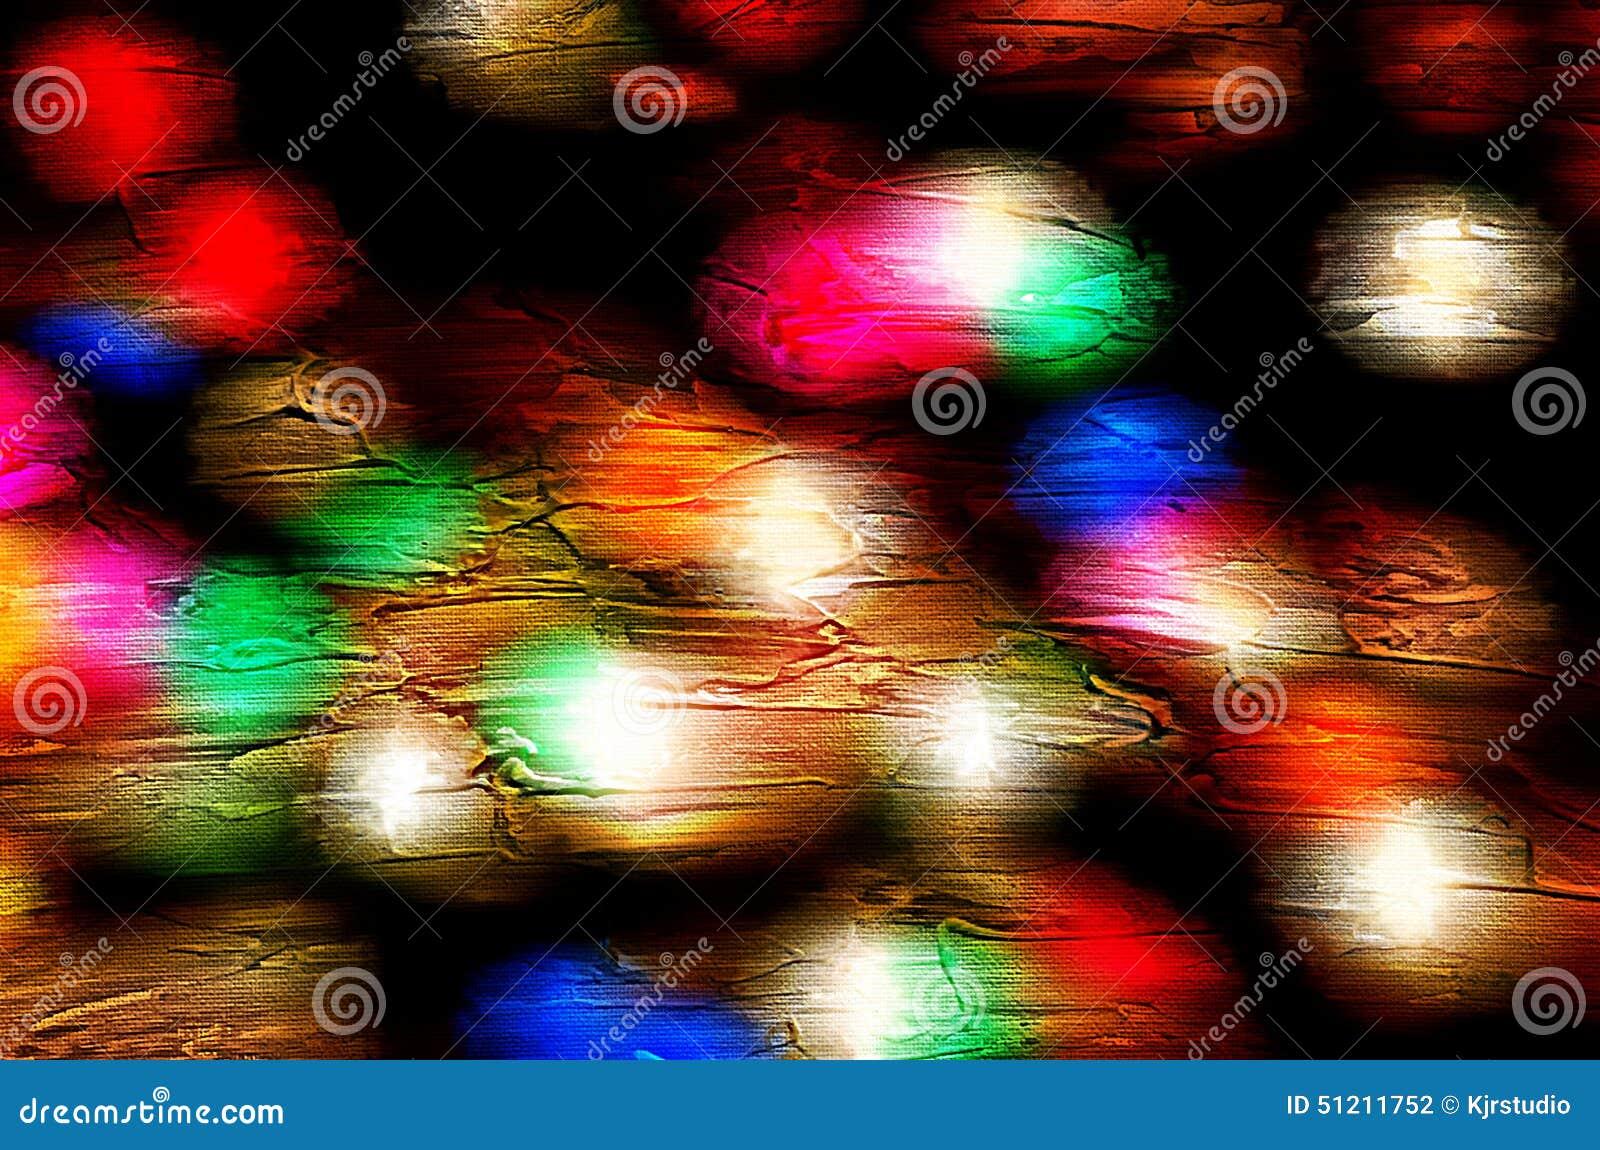 Create Multicolored Leds